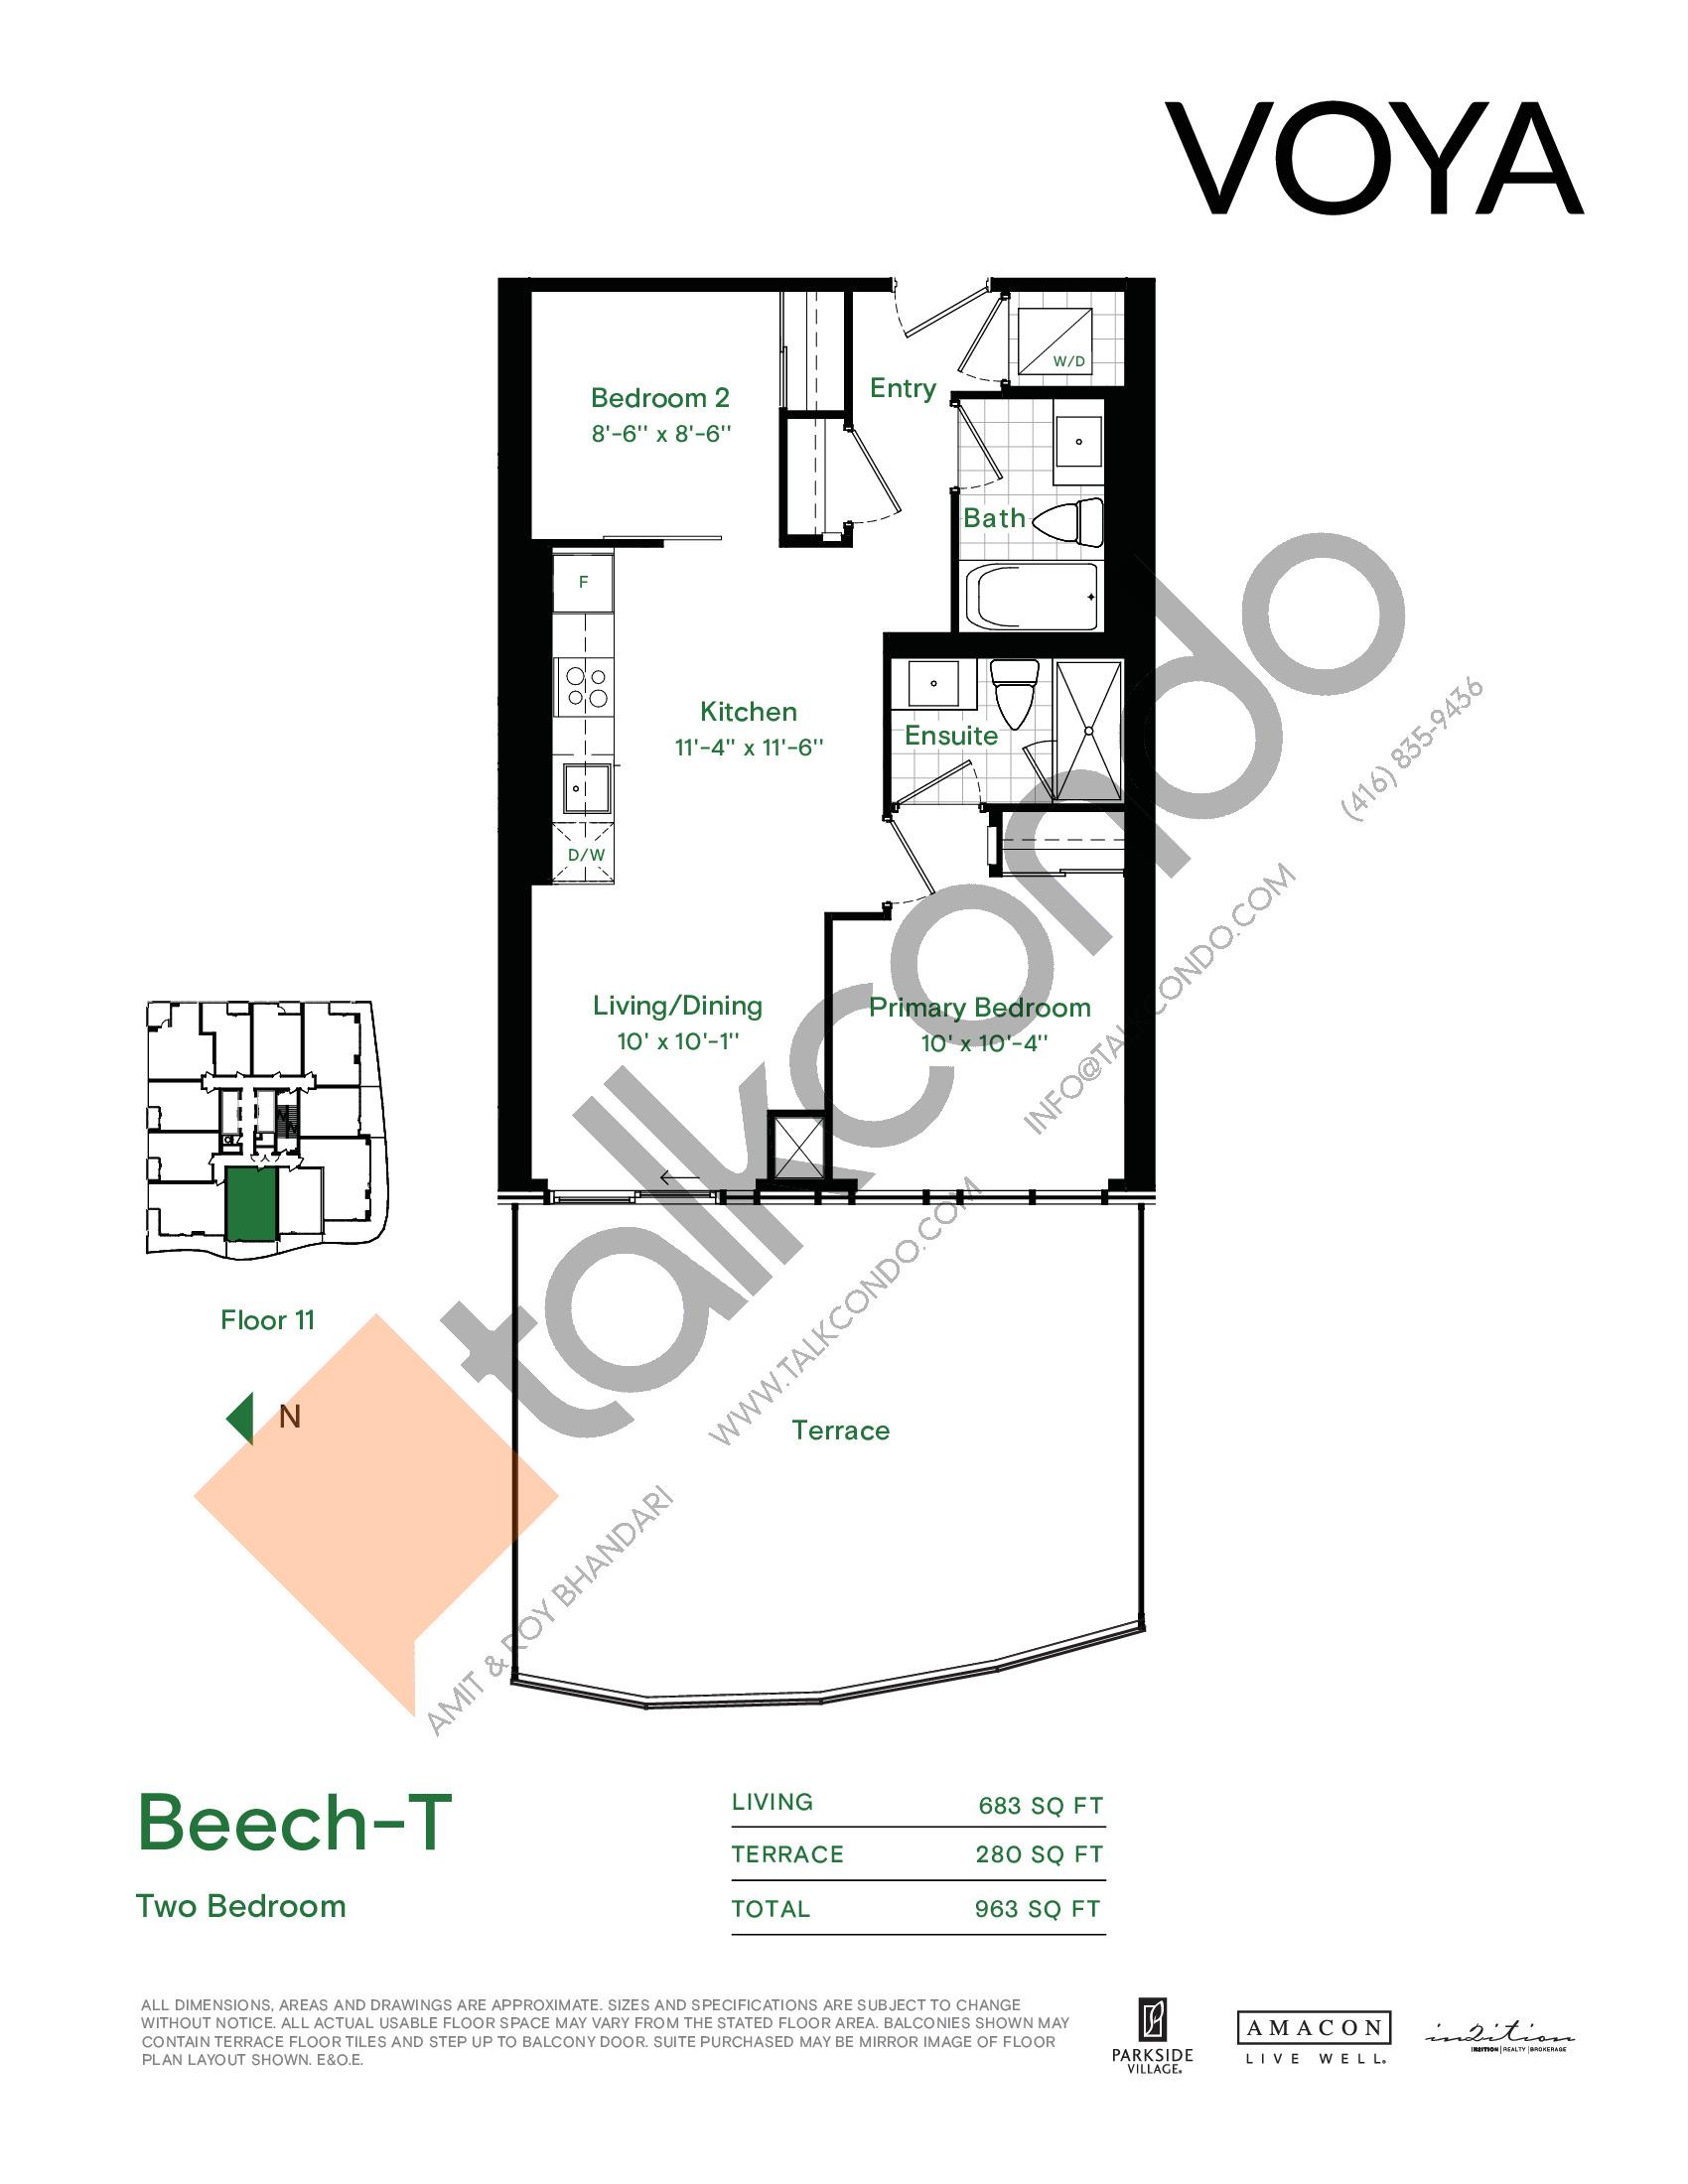 Beech-T Floor Plan at Voya at Parkside Village Condos - 683 sq.ft